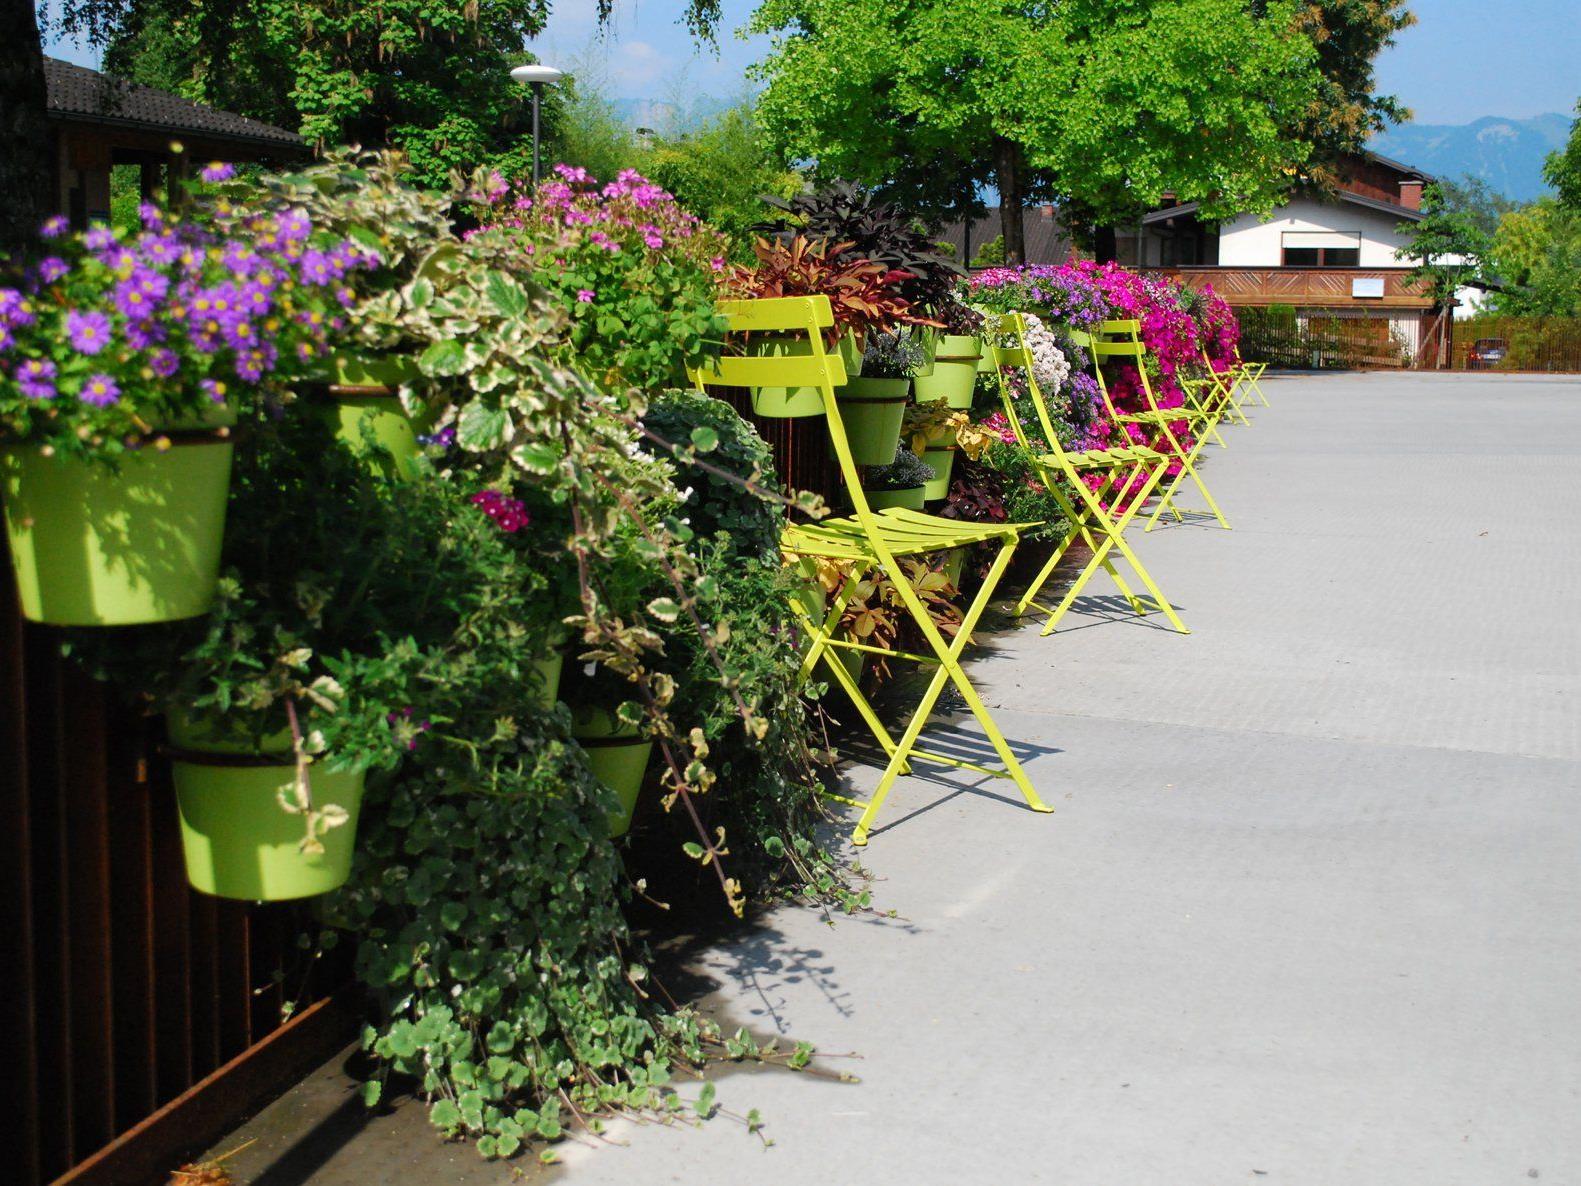 Der blühende Gartenzaun: Eines der Projekte, das vergangenes Jahr in Rankweil umgesetzt wurde.